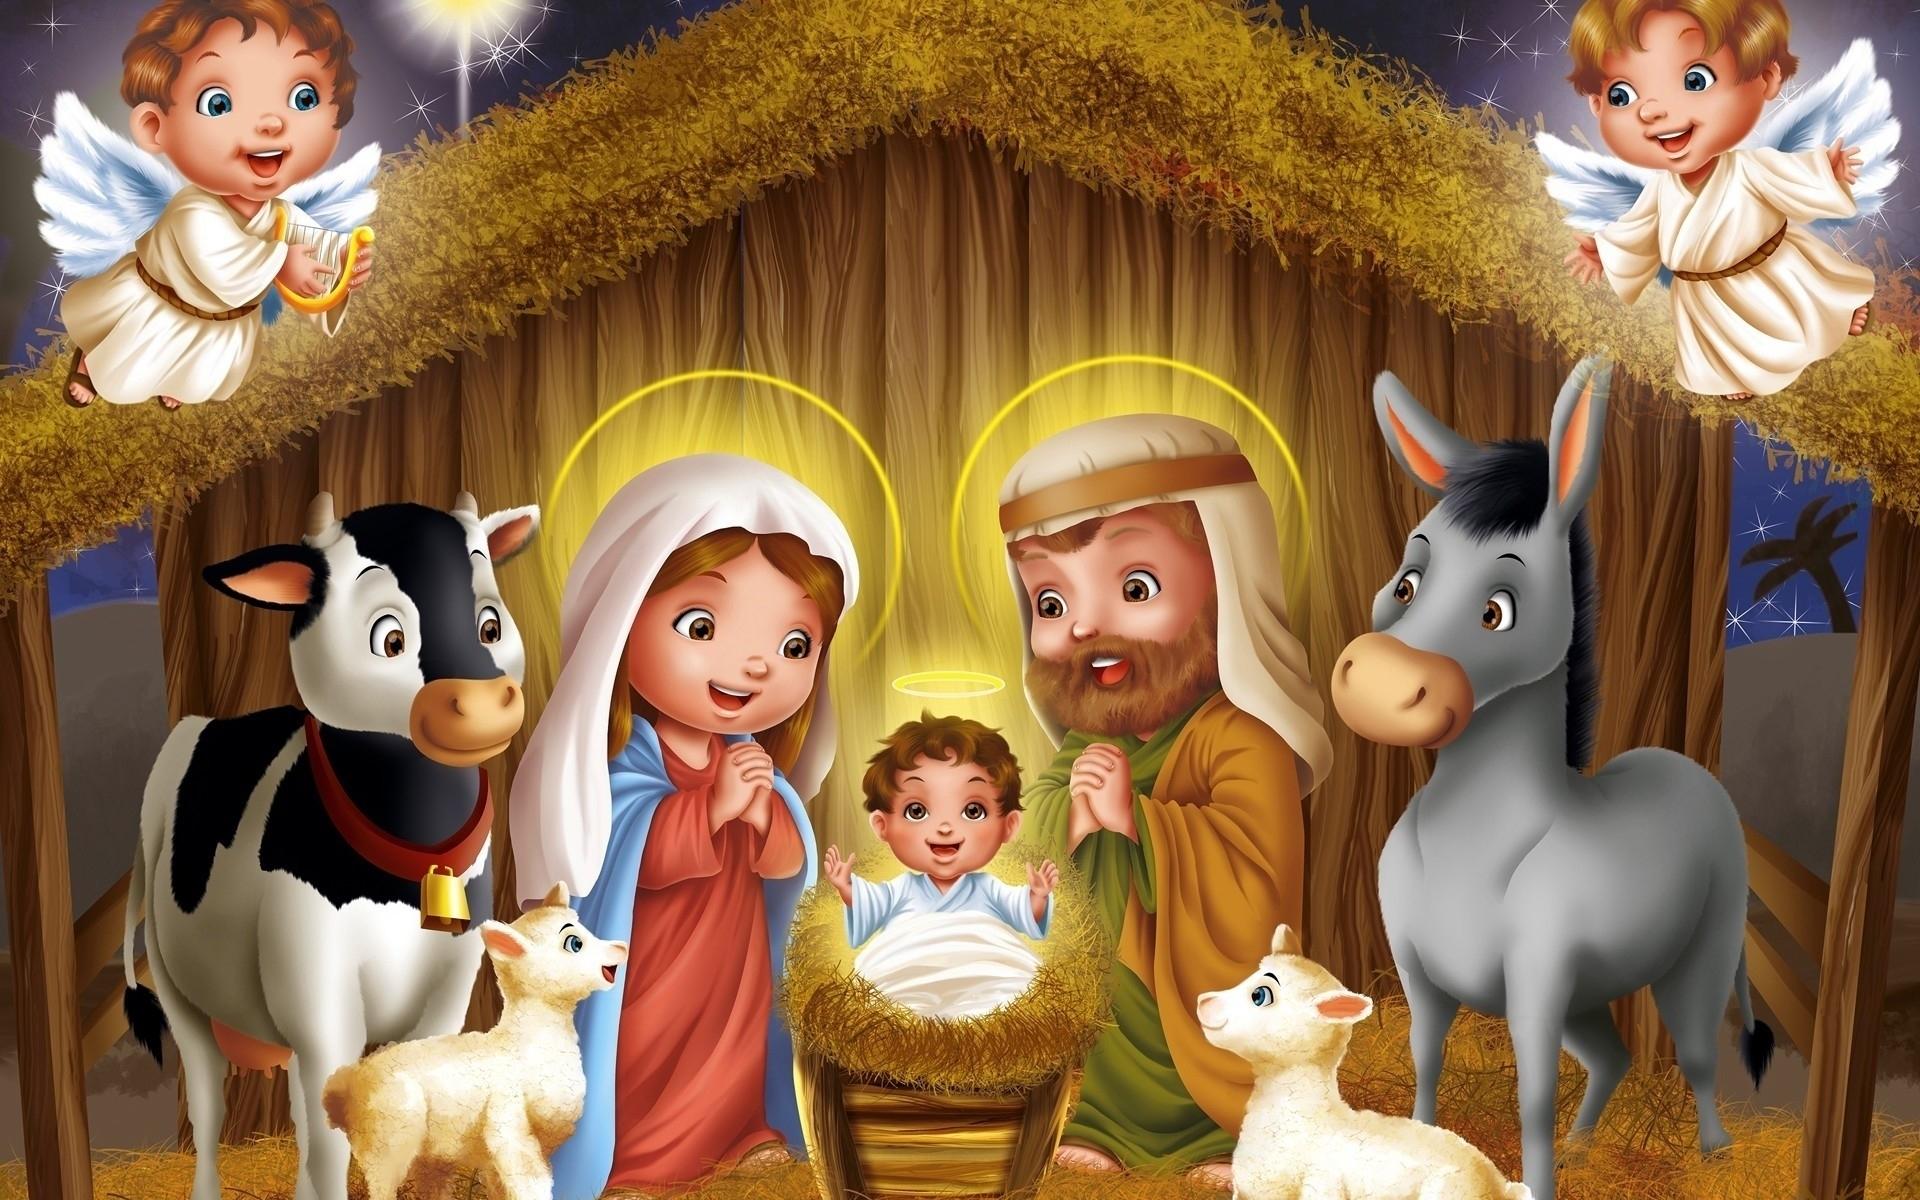 naissance de jésus christ fond d'écran hd wallpaper hq